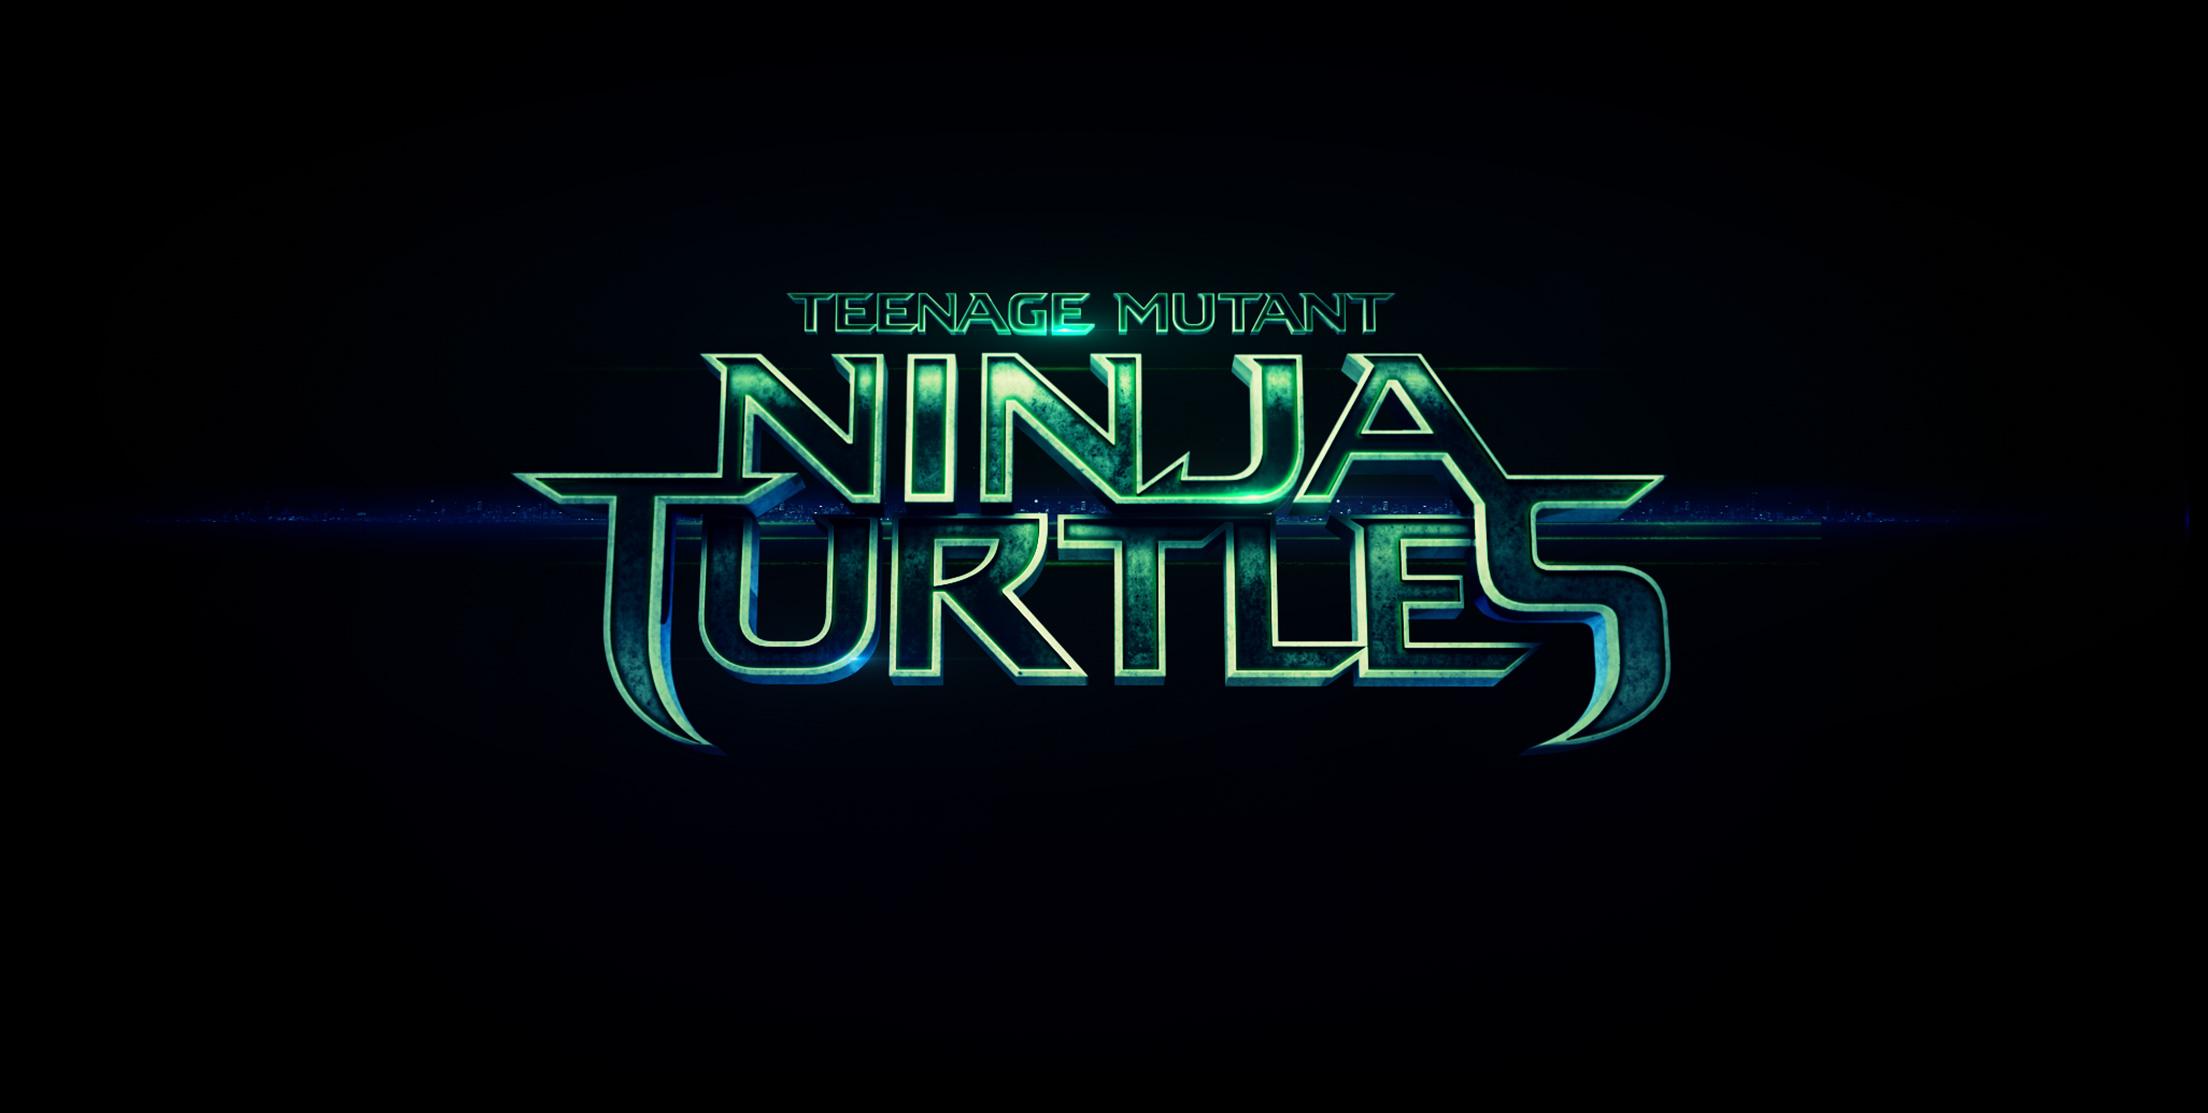 Teenage Mutant Ninja Turtles (2014 film)